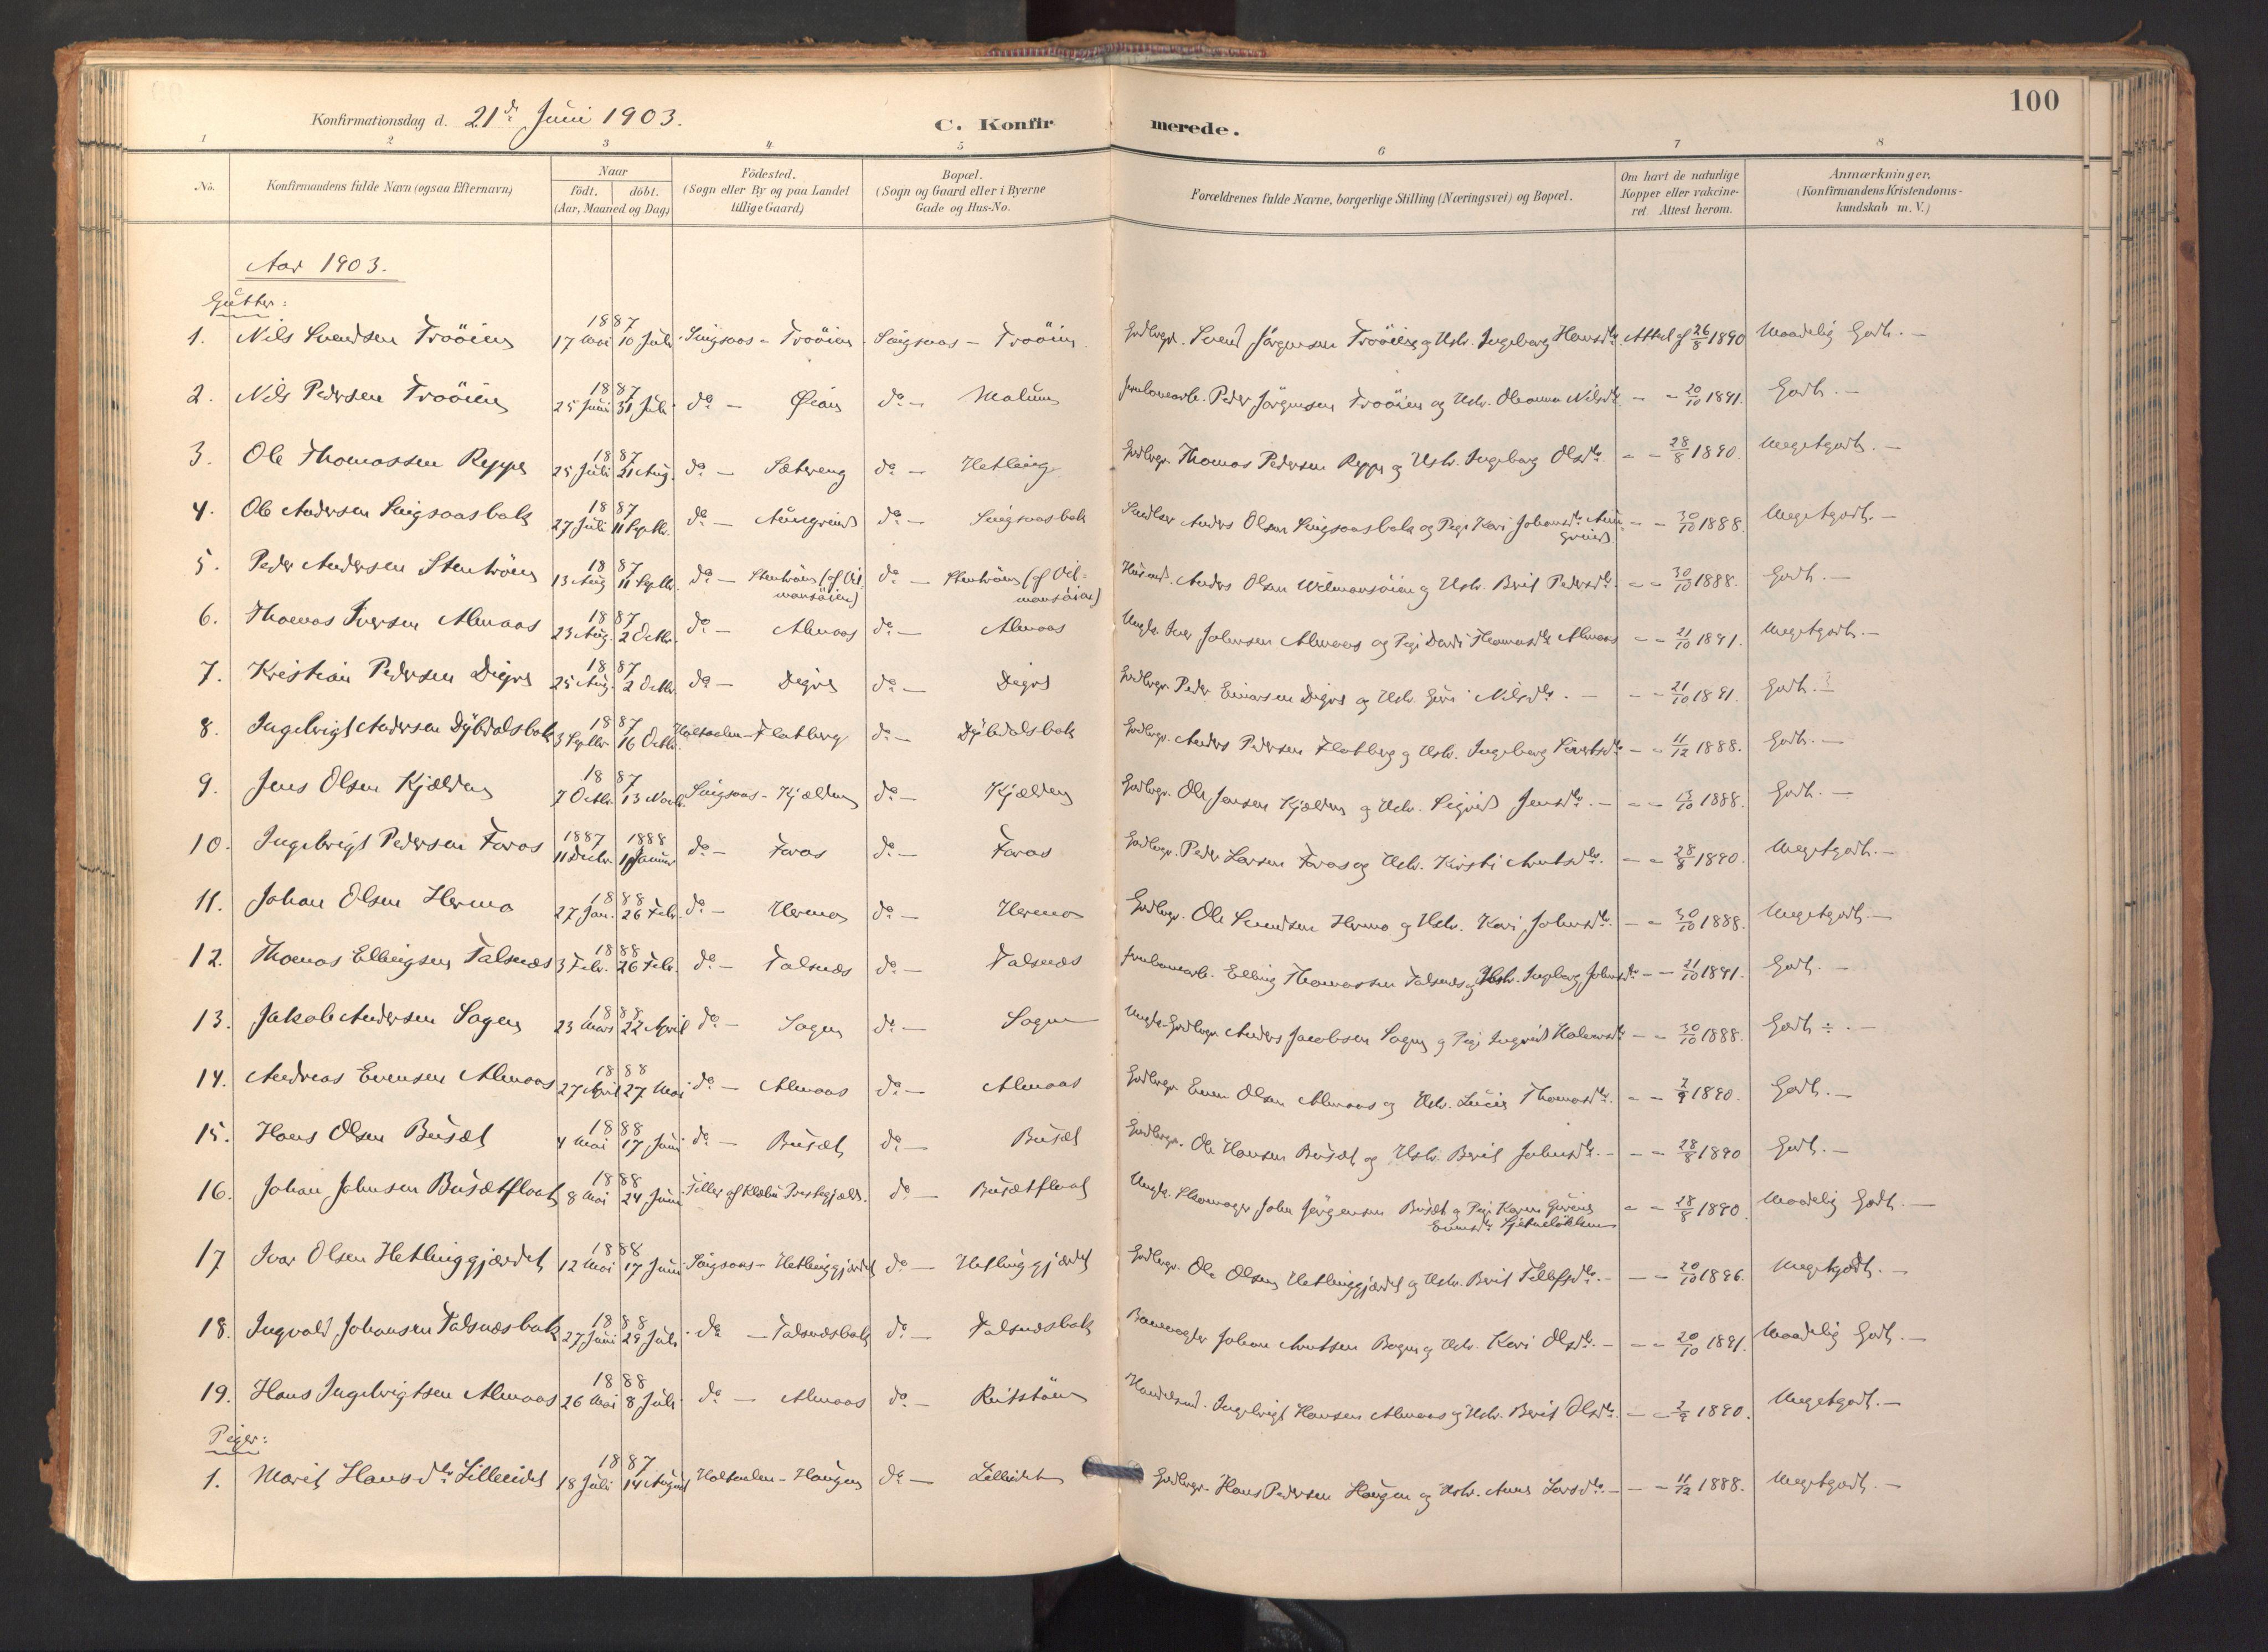 SAT, Ministerialprotokoller, klokkerbøker og fødselsregistre - Sør-Trøndelag, 688/L1025: Ministerialbok nr. 688A02, 1891-1909, s. 100